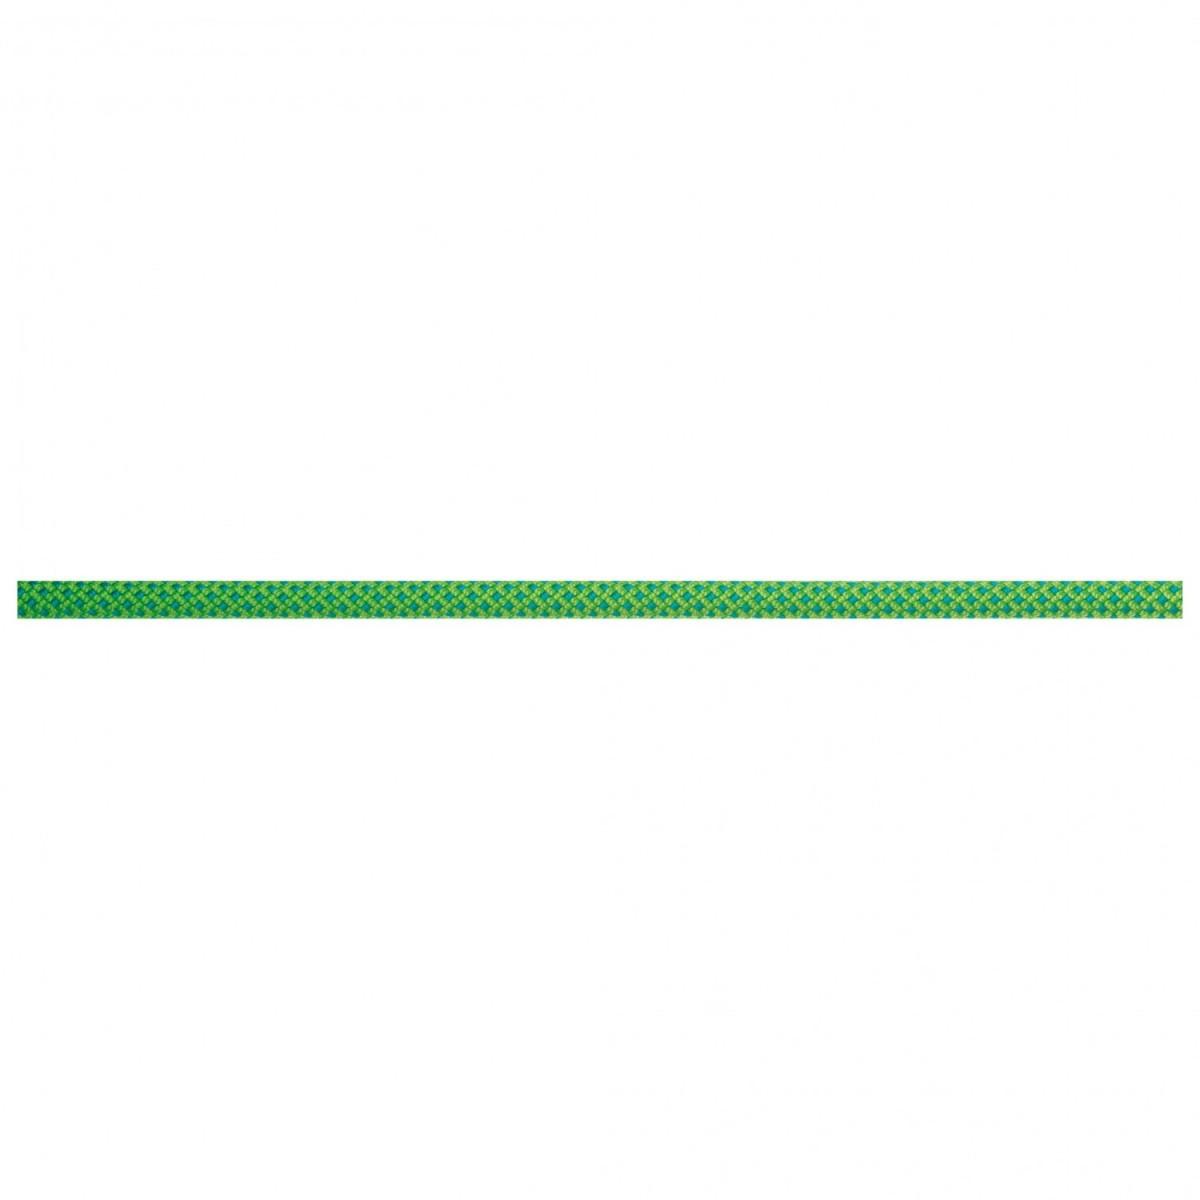 BEAL べアール Opera 8.5 Golden Dry (70m - Green)★ロープ・ザイル・登山・クライミング★